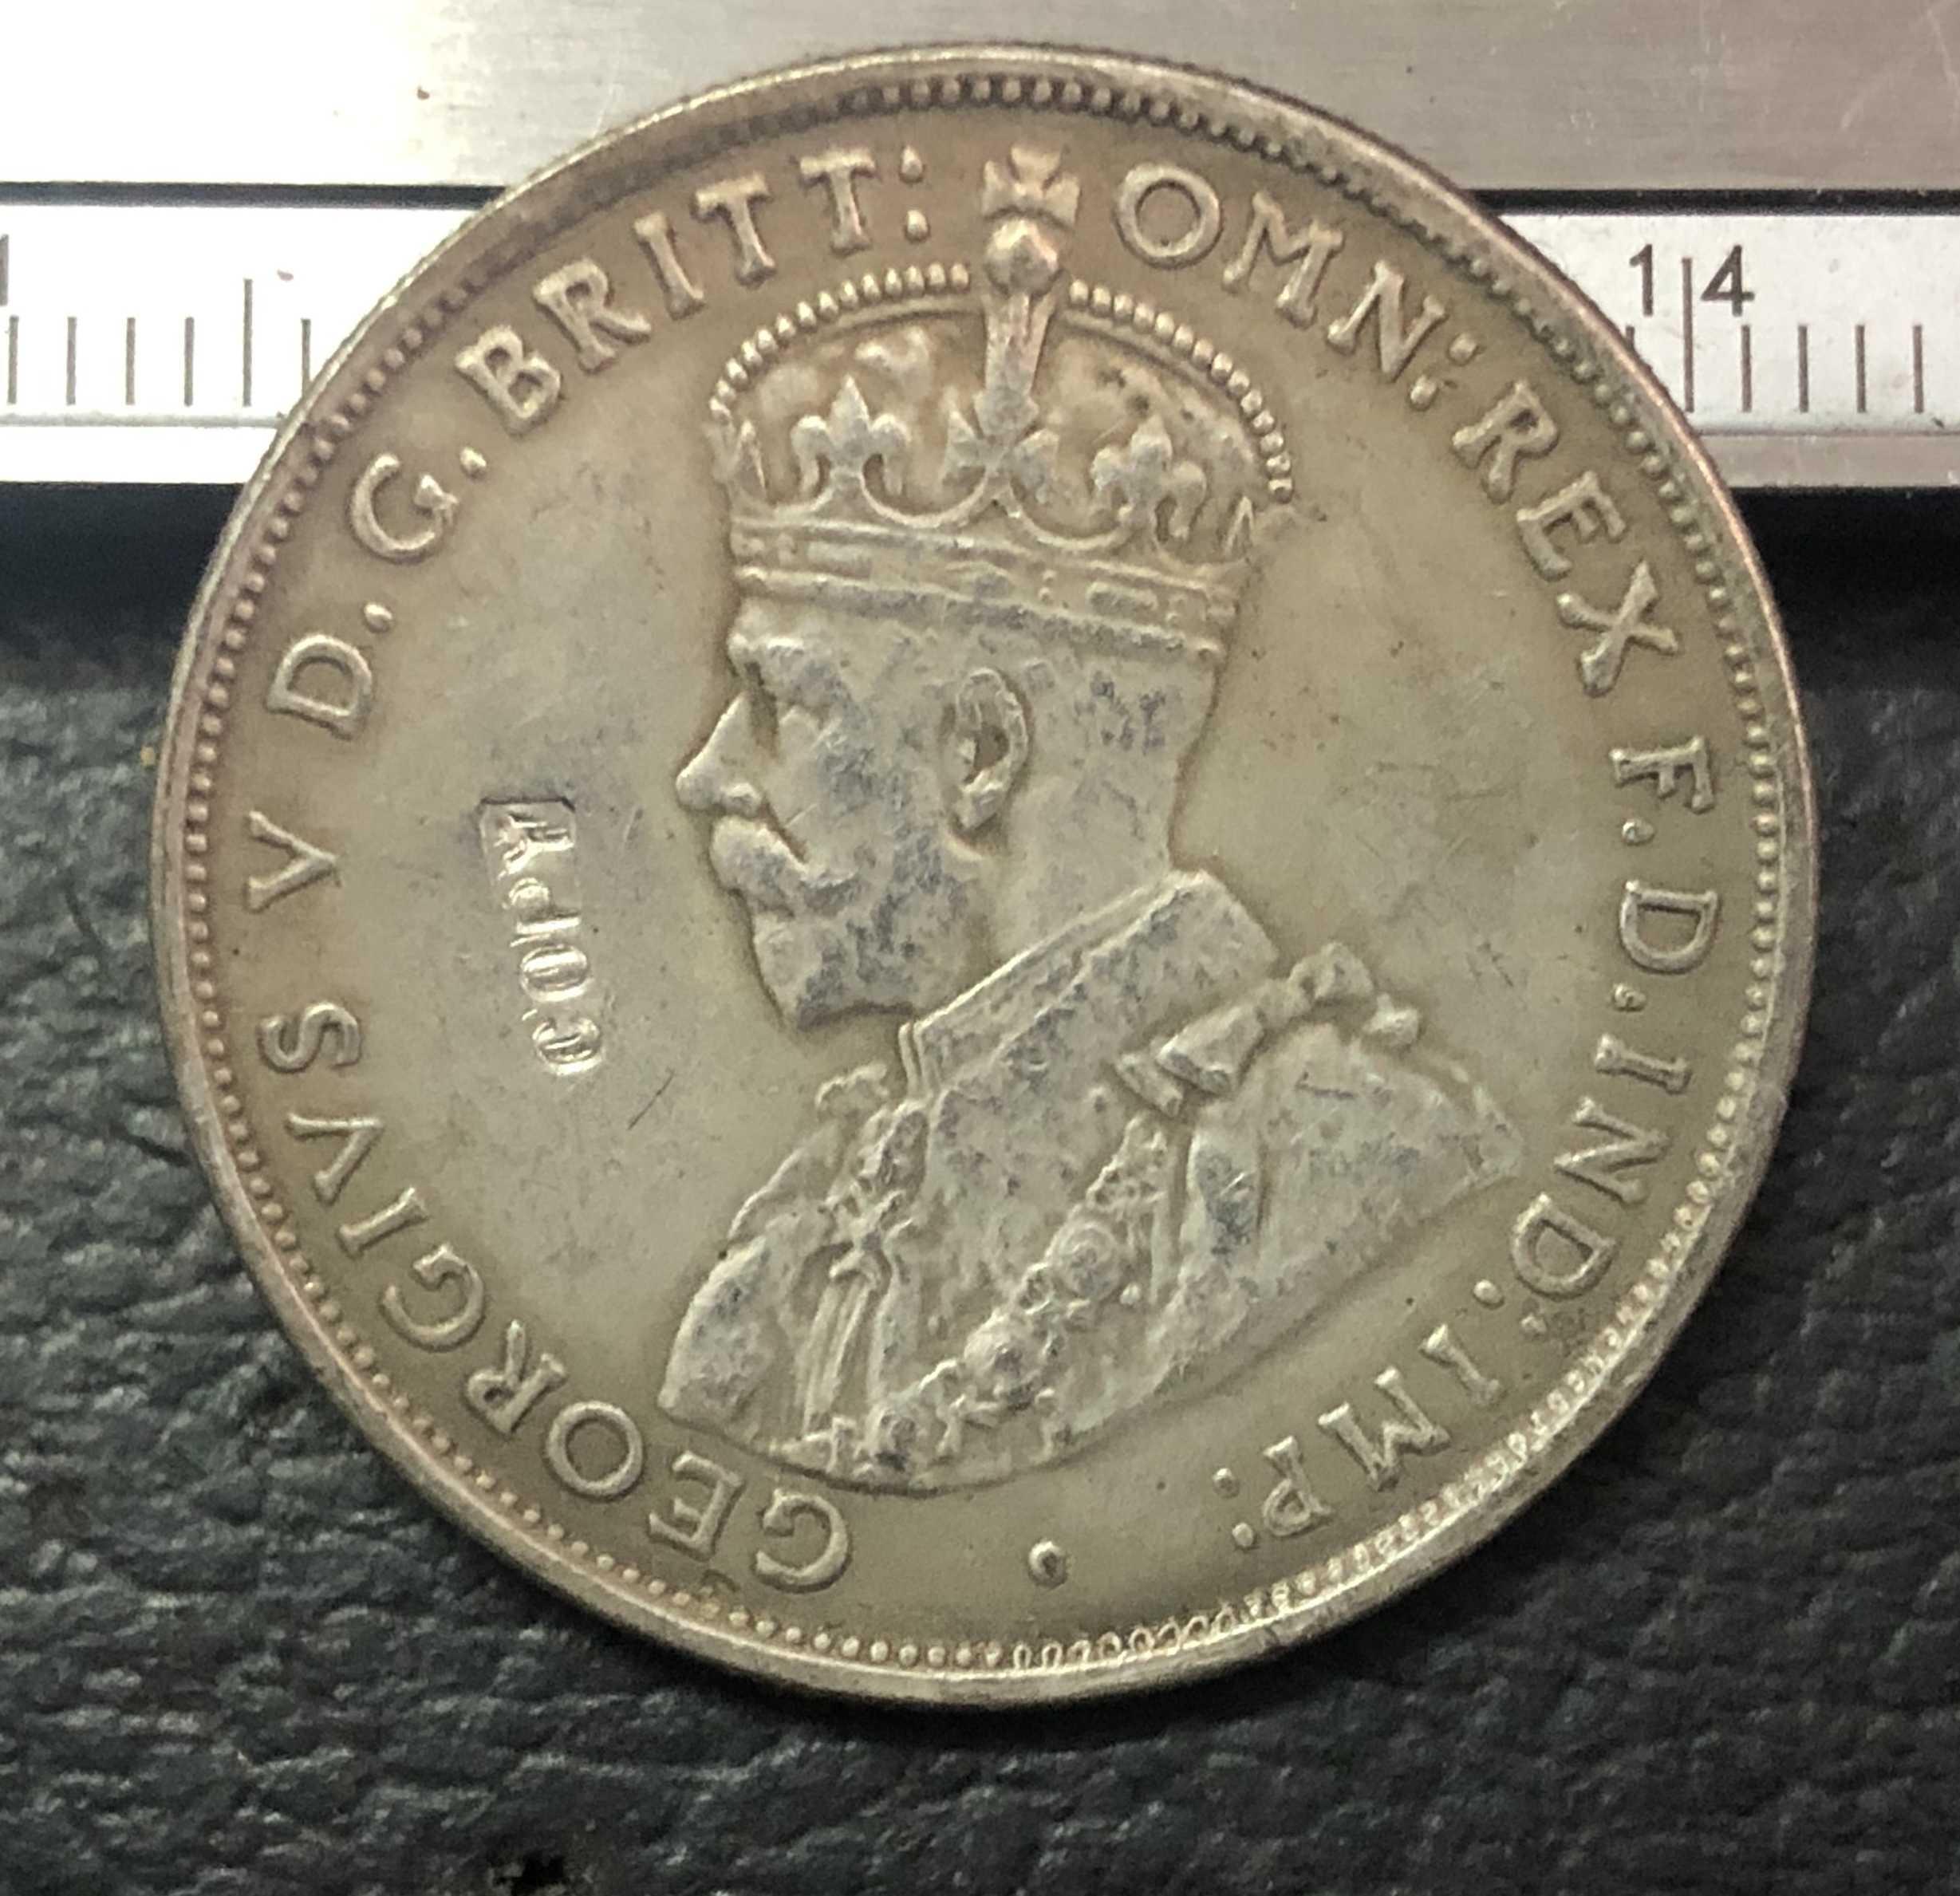 1935 In Australia 1 Florin-George V Argento Placcato Copia Moneta